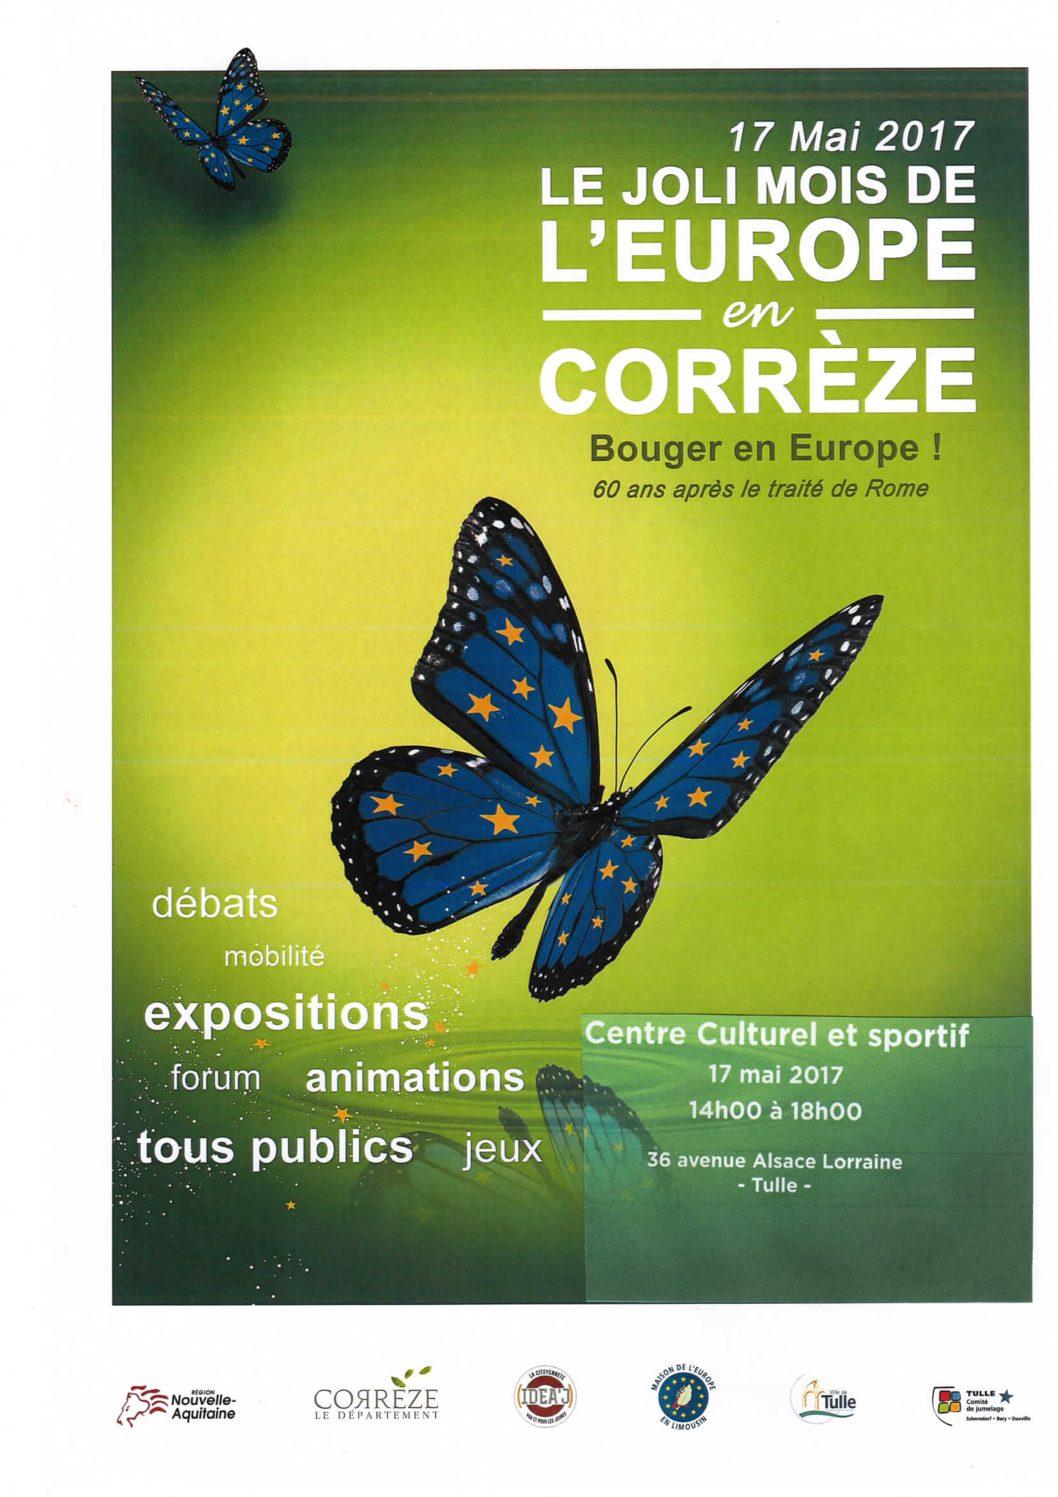 Fête de l'Europe à Tulle, rendez-vous le 17 mai